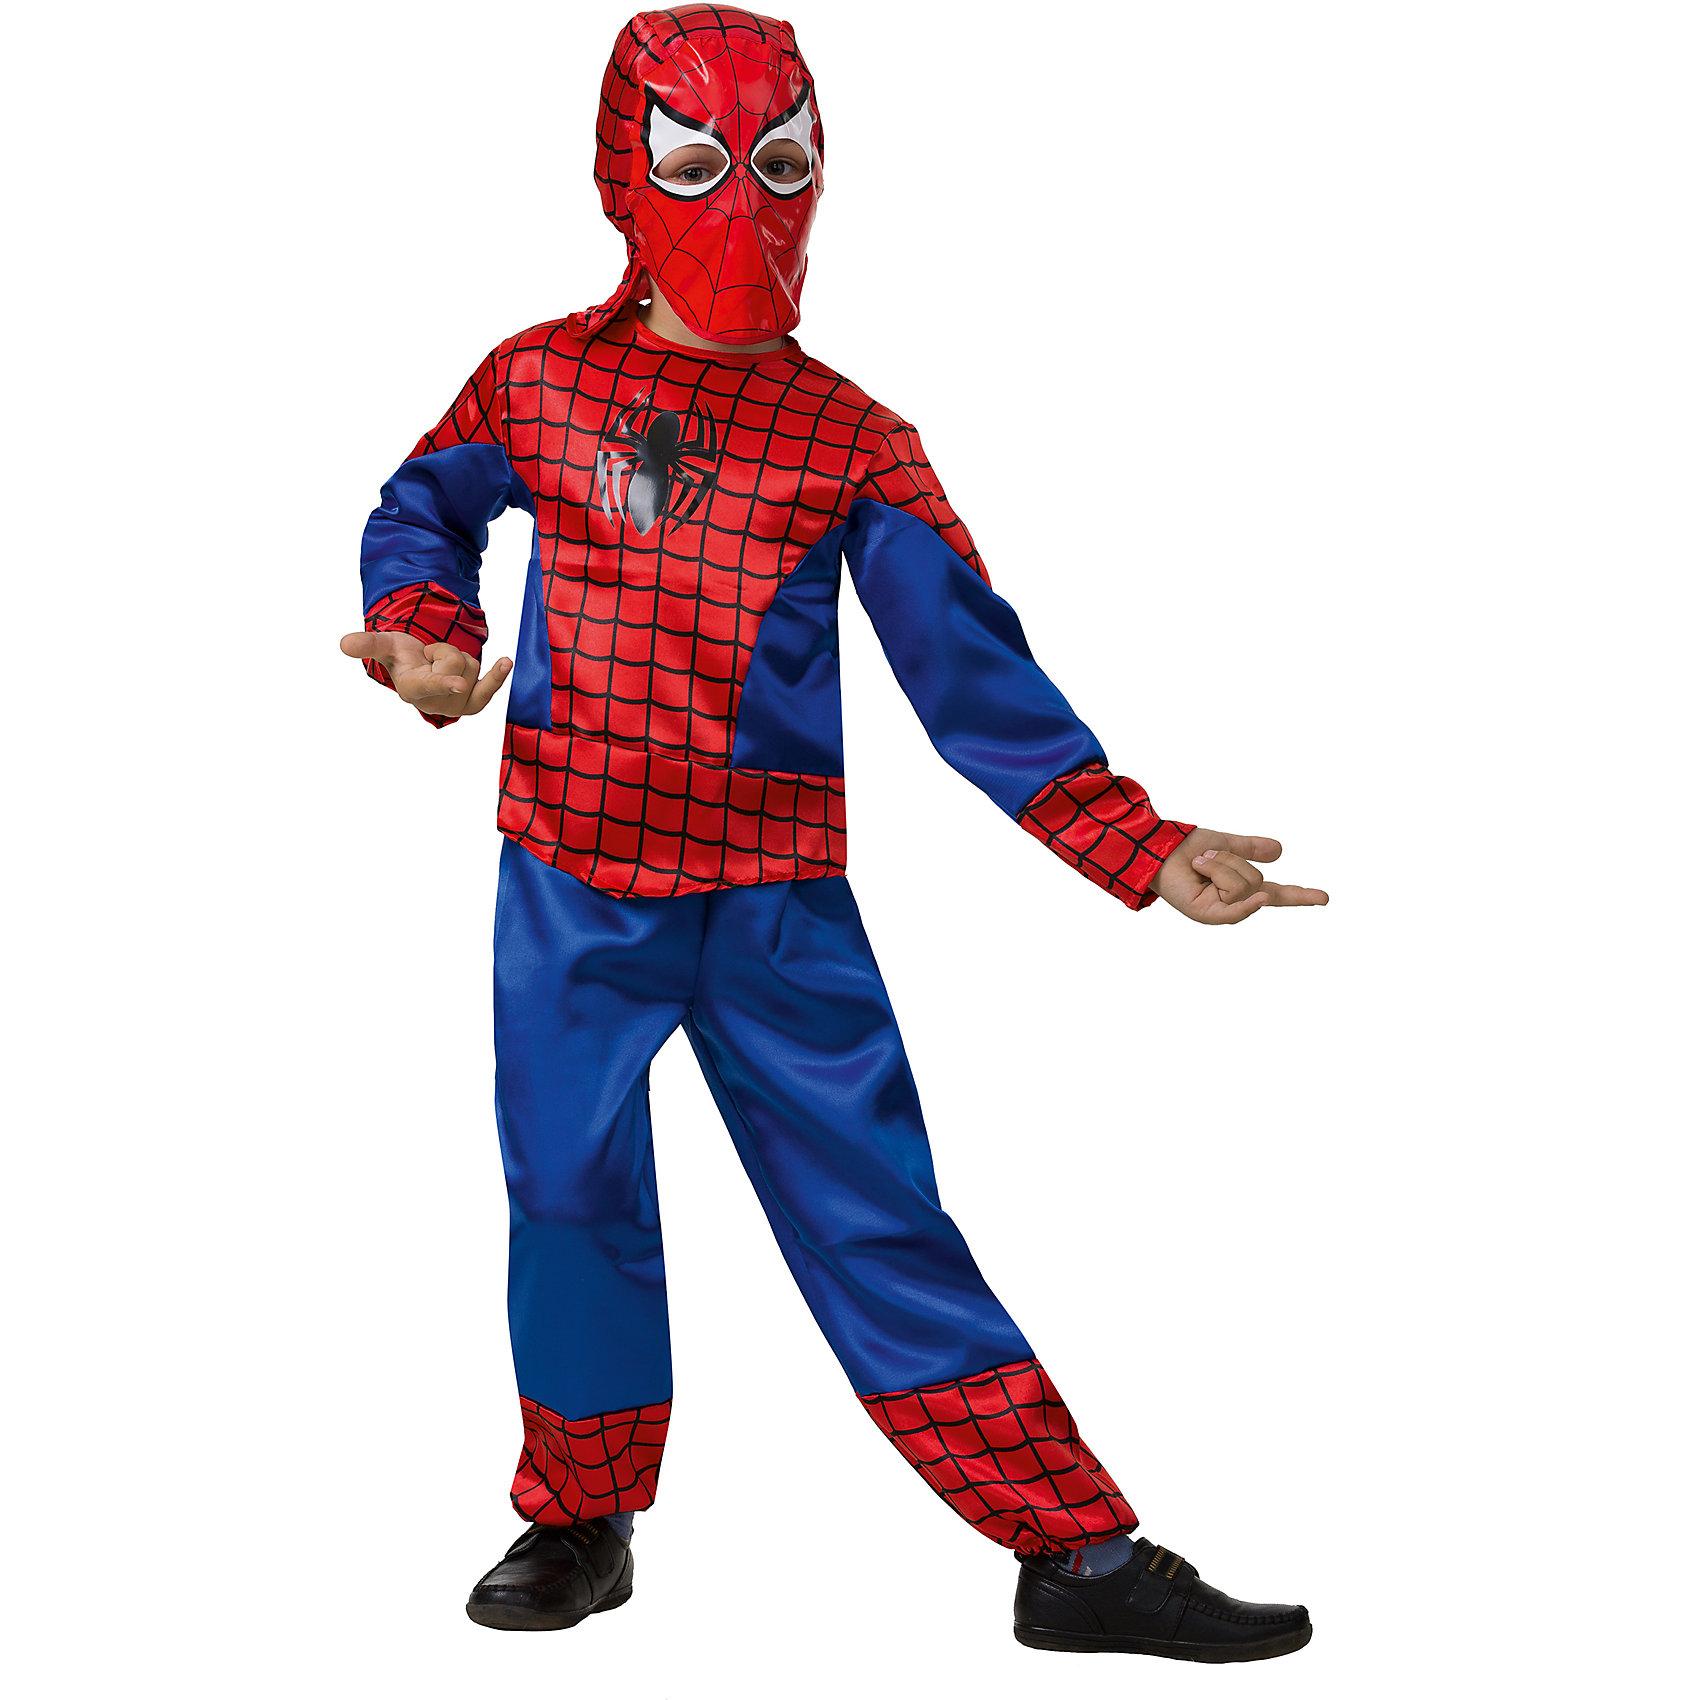 Карнавальный костюм Человек-Паук, БатикКарнавальные костюмы и аксессуары<br>Этот костюм приведет в восторг любого мальчишку! Наряд состоит из брюк и куртки с глубоким капюшоном, полностью закрывающим лицо и создающим иллюзию маски.  Дети обожают перевоплощаться, позвольте вашему ребенку почувствовать себя королем вечера и получить настоящее удовольствие от самого волшебного праздника в году! Костюм выполнен из высококачественных экологичных материалов, в производстве ткани использованы только безопасные, гипоаллергенные красители.<br><br>Дополнительная информация:<br><br>- Материал: текстиль.<br>- Цвет: красный, синий.<br>- Комплектация: куртка с капюшоном, брюки.<br>- Параметры для размера 28:<br>- рост: 104-110 см.<br>  <br>Карнавальный костюм Человек Паук (Spider Man), Батик  можно купить в нашем магазине.<br><br>Ширина мм: 500<br>Глубина мм: 50<br>Высота мм: 700<br>Вес г: 600<br>Цвет: разноцветный<br>Возраст от месяцев: 48<br>Возраст до месяцев: 60<br>Пол: Мужской<br>Возраст: Детский<br>Размер: 30,26,28<br>SKU: 4412732